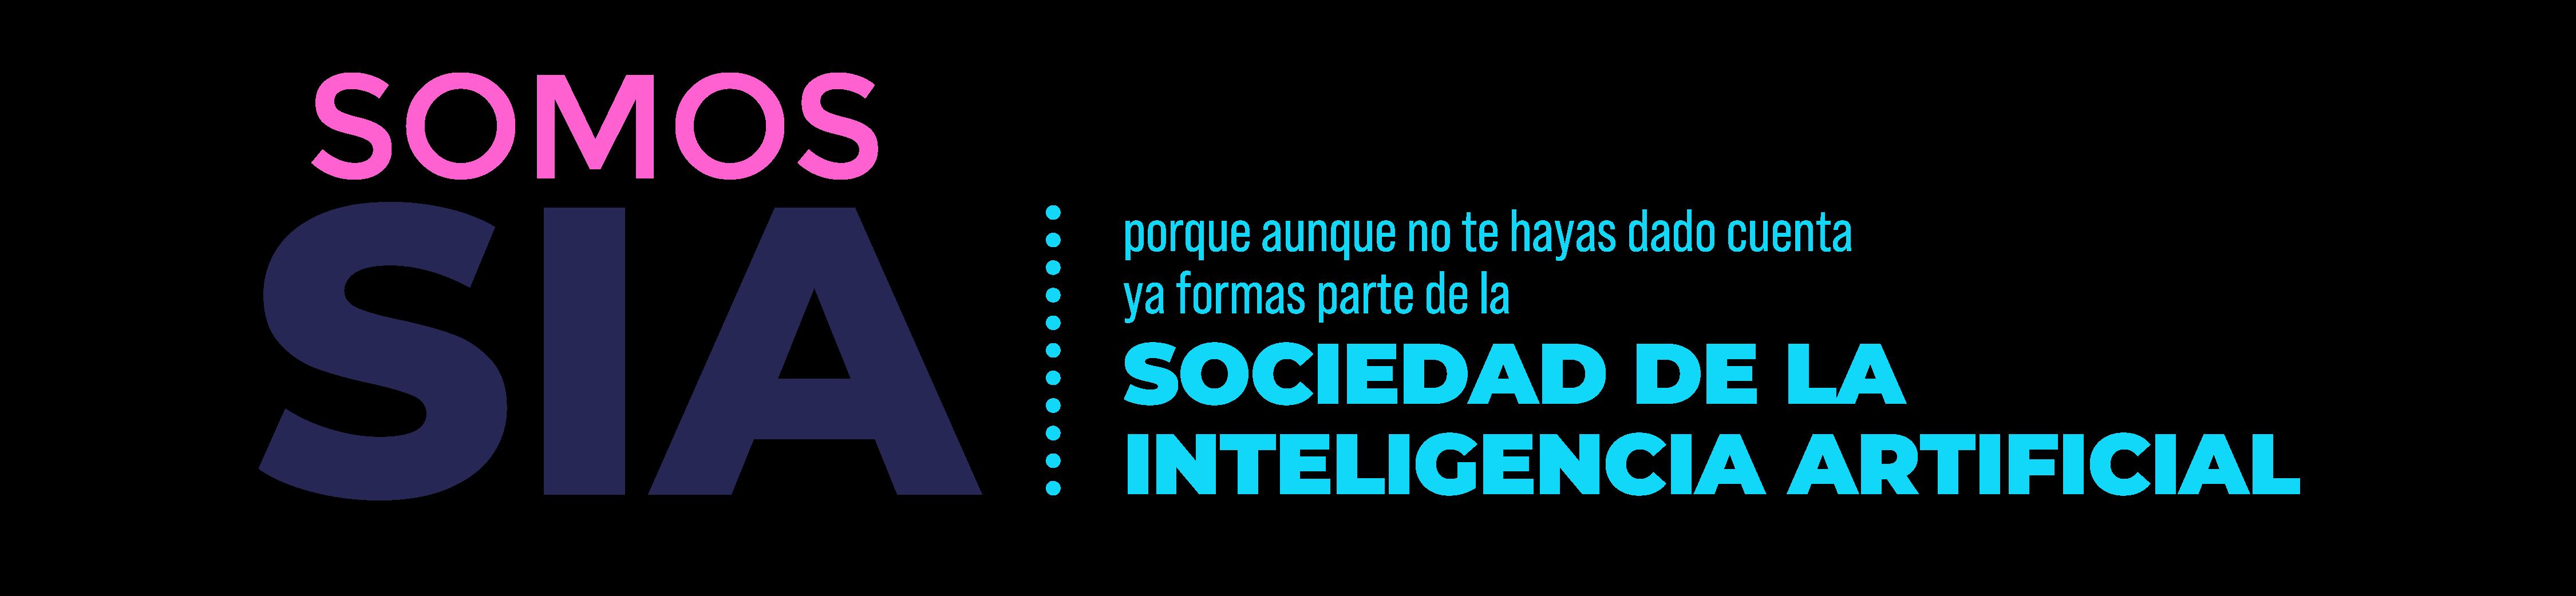 Somos Sociedad de la Inteligencia Artificial